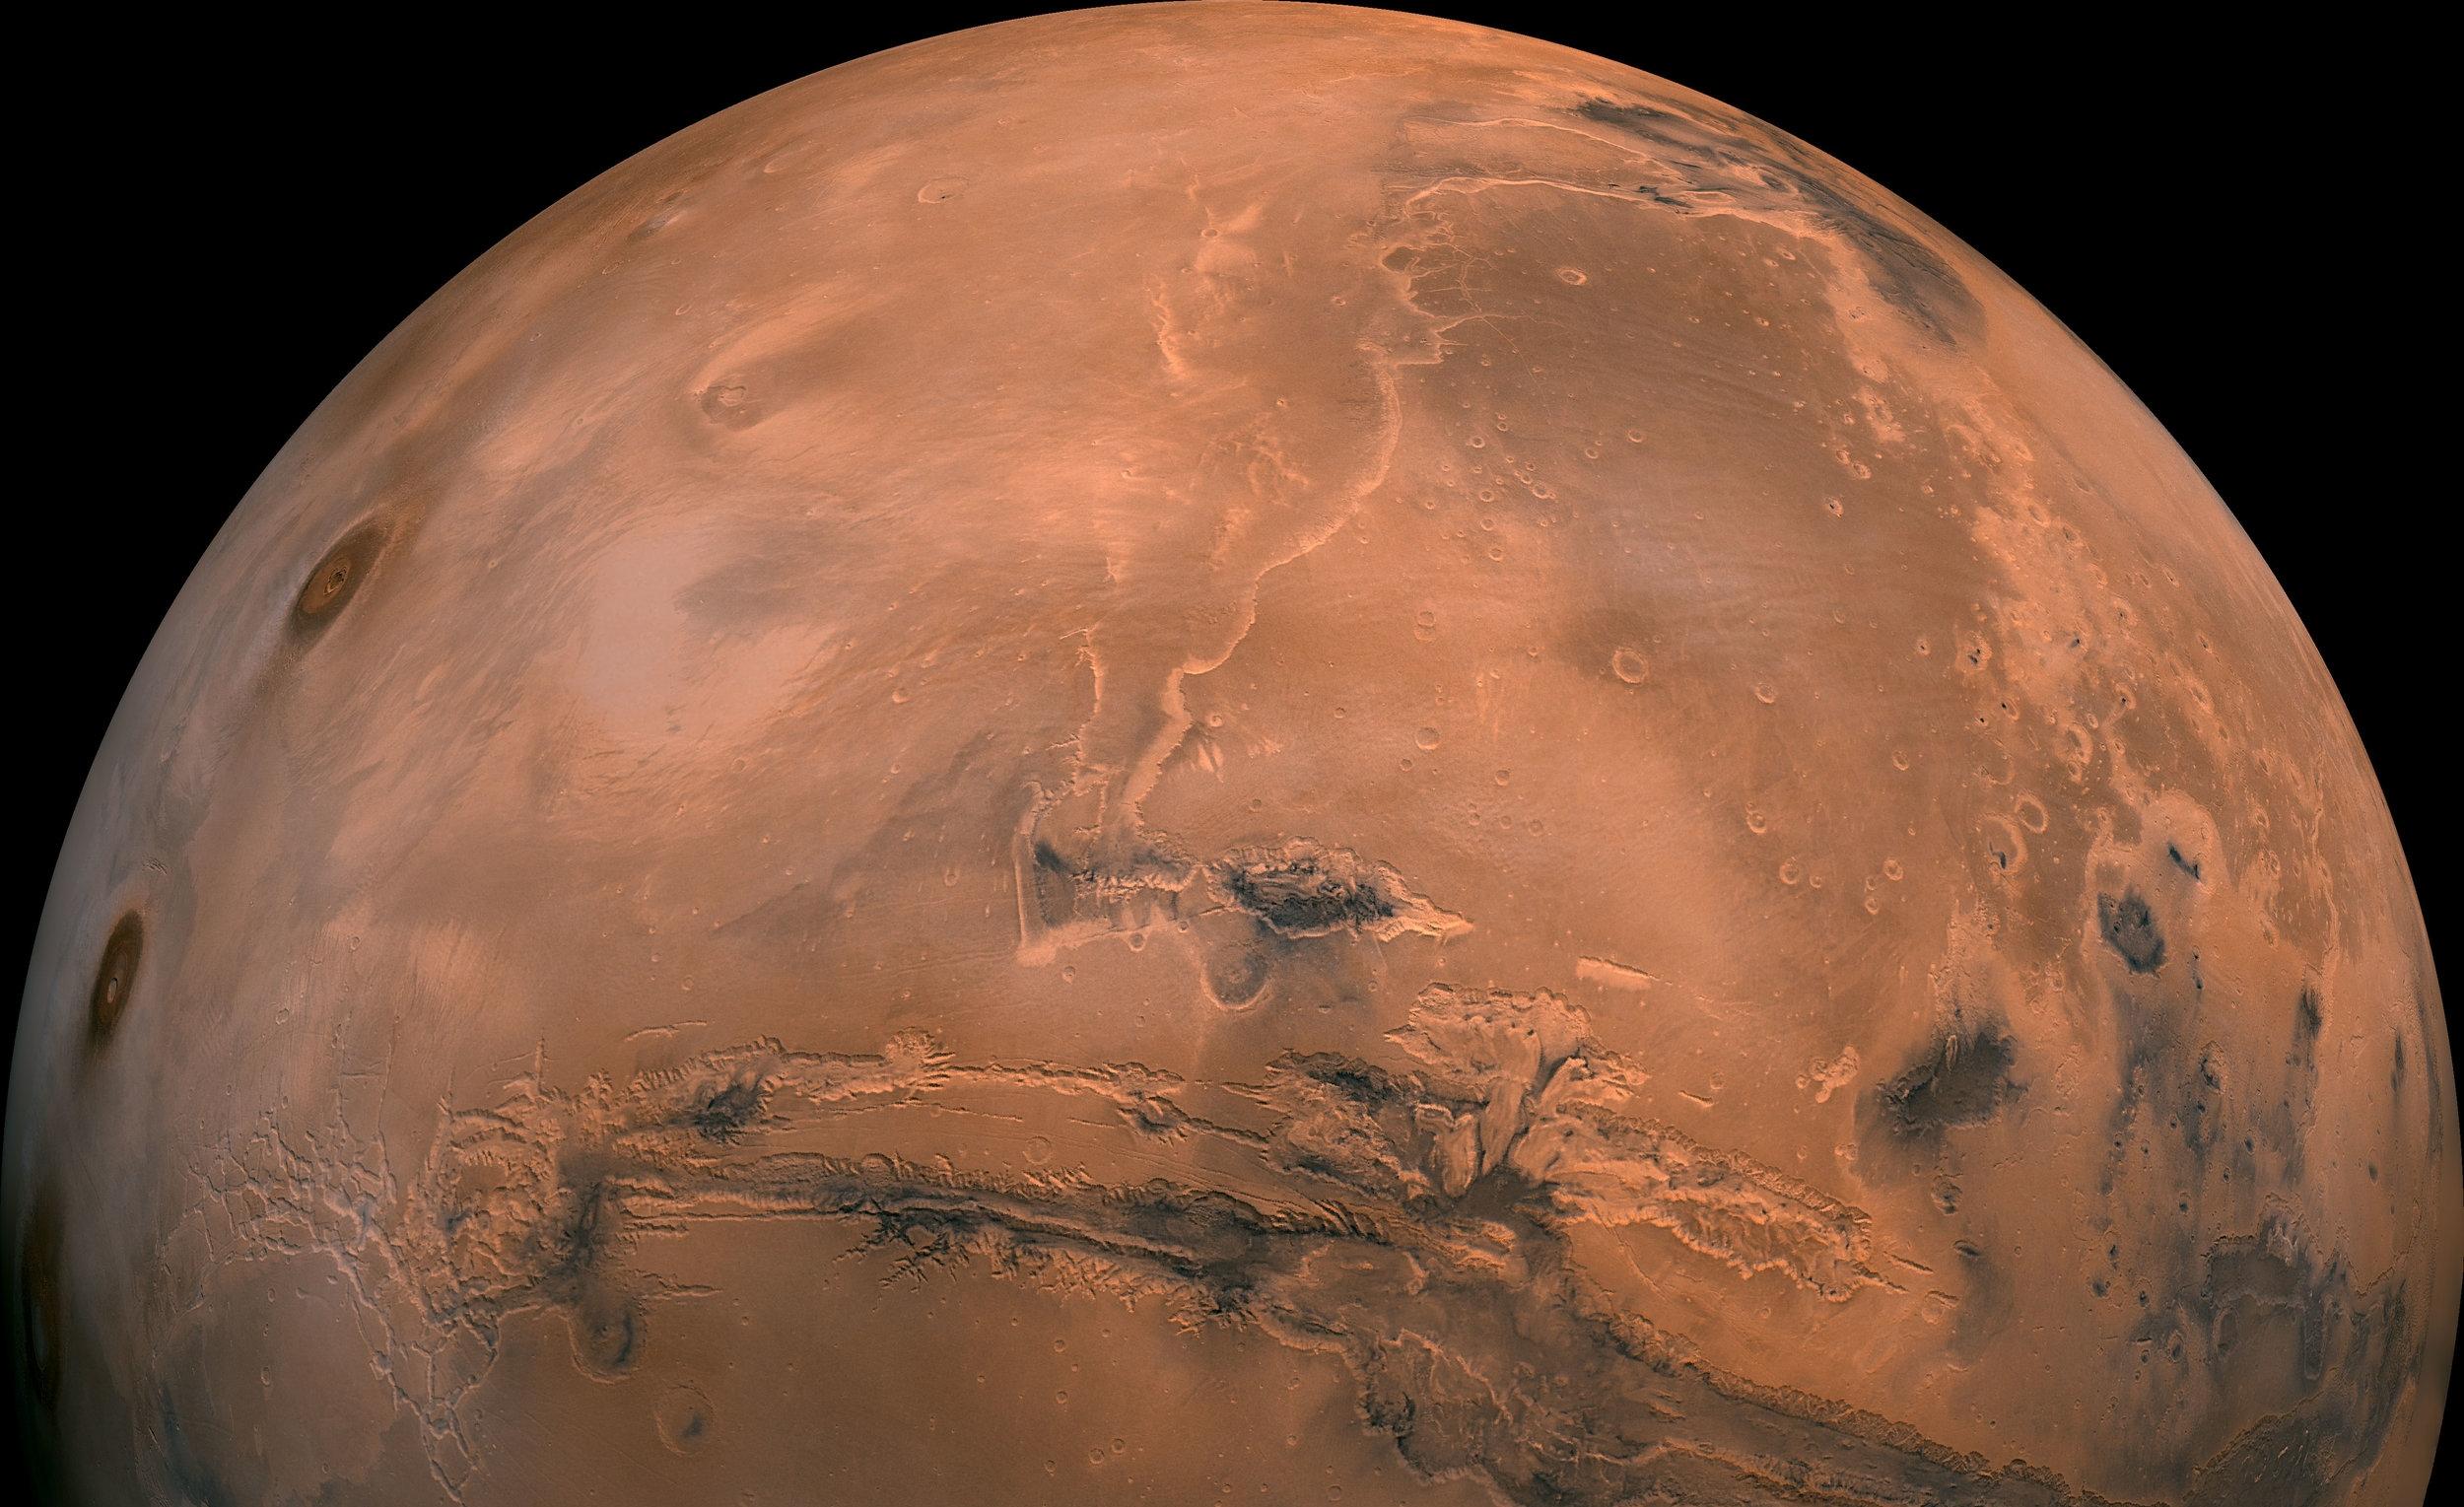 Mars. Image credit: NASA/JPL.